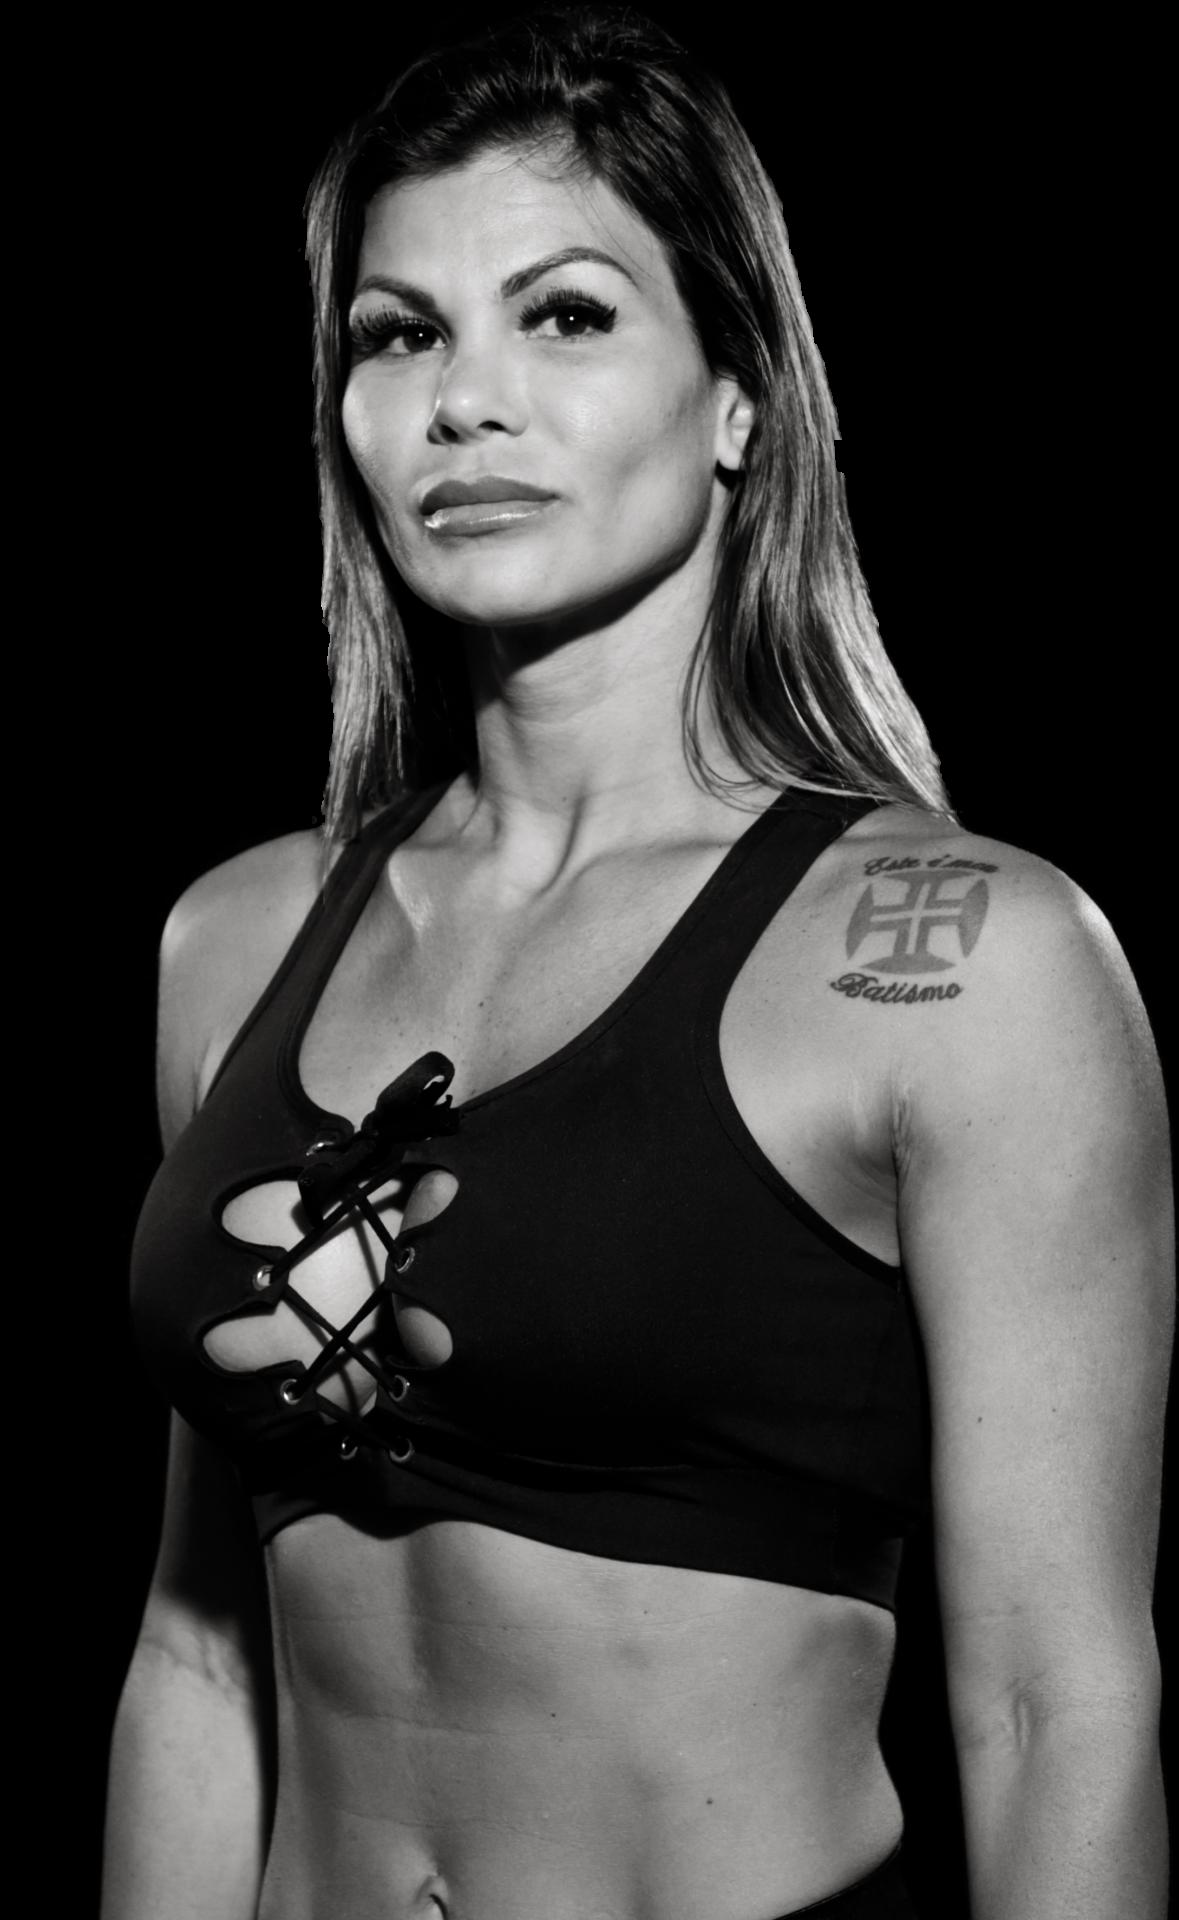 Jamila Sandora